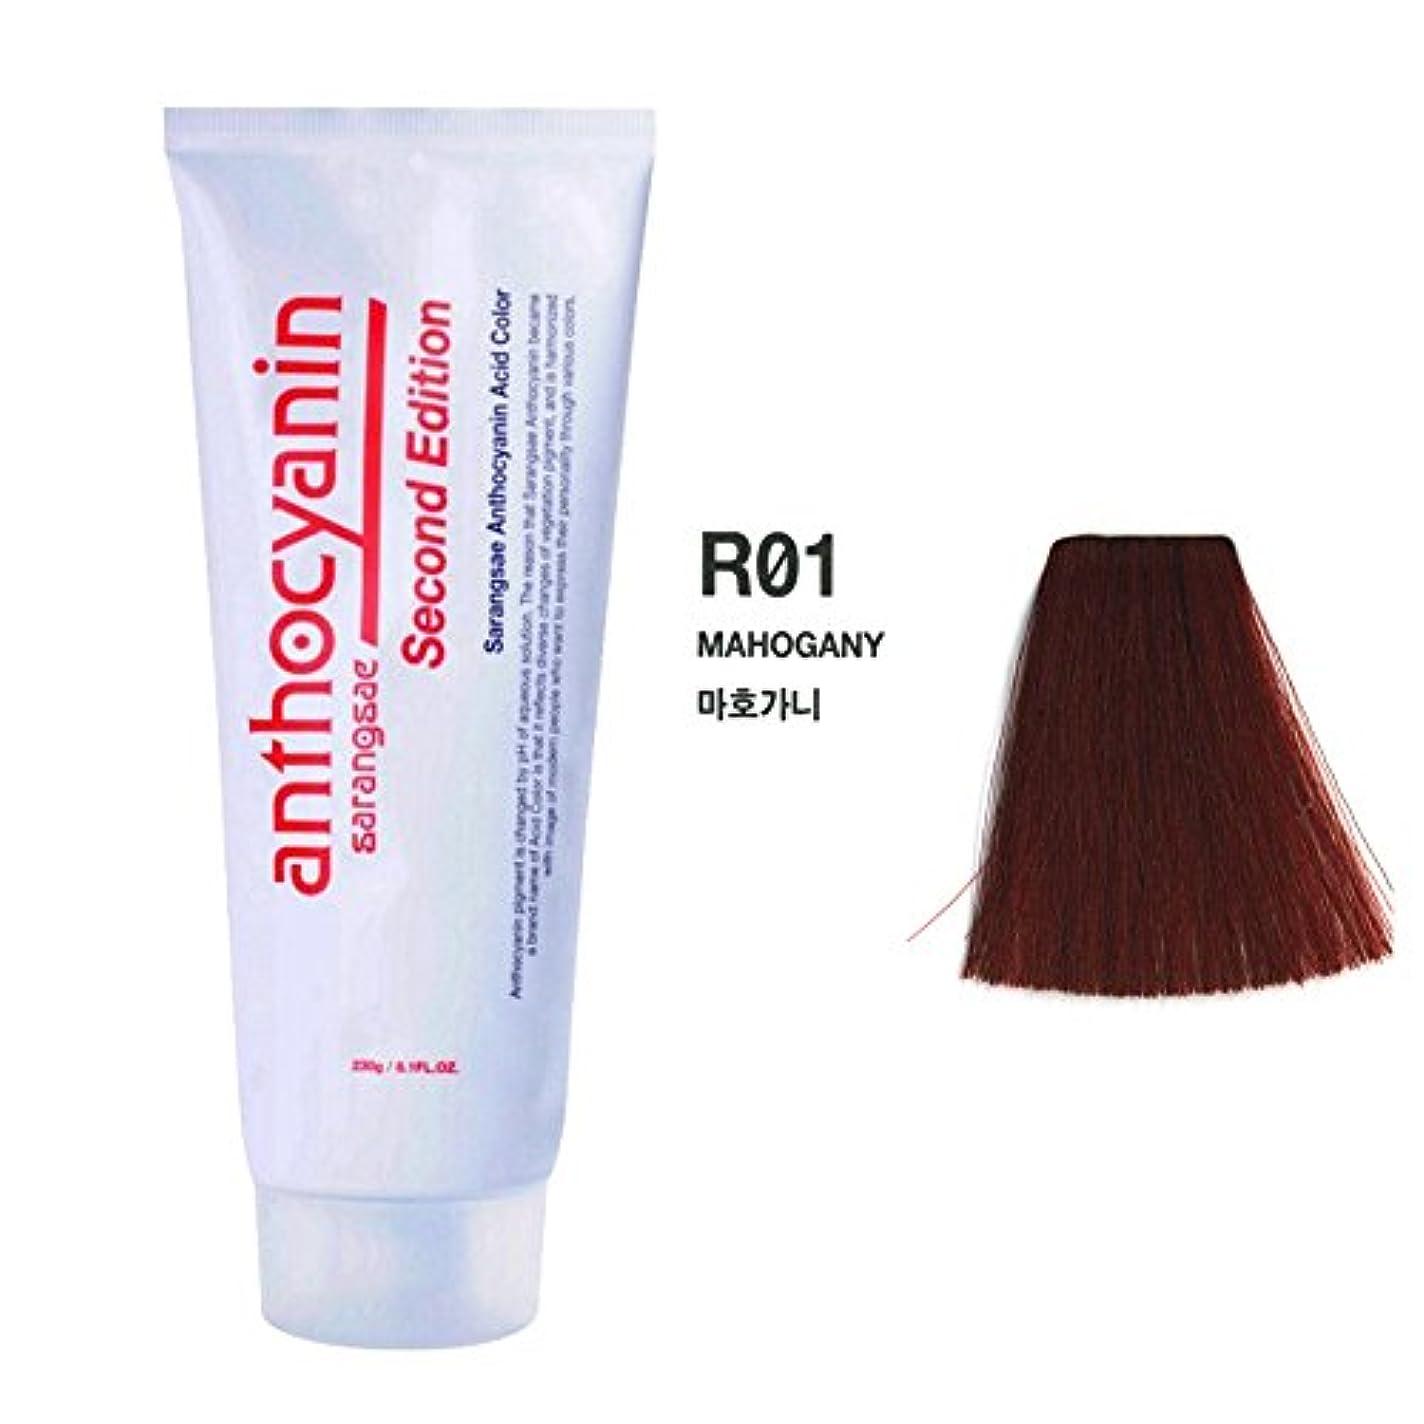 意気込み一晩官僚ヘア マニキュア カラー セカンド エディション 230g セミ パーマネント 染毛剤 ( Hair Manicure Color Second Edition 230g Semi Permanent Hair Dye) [並行輸入品] (R01 Mahogany)